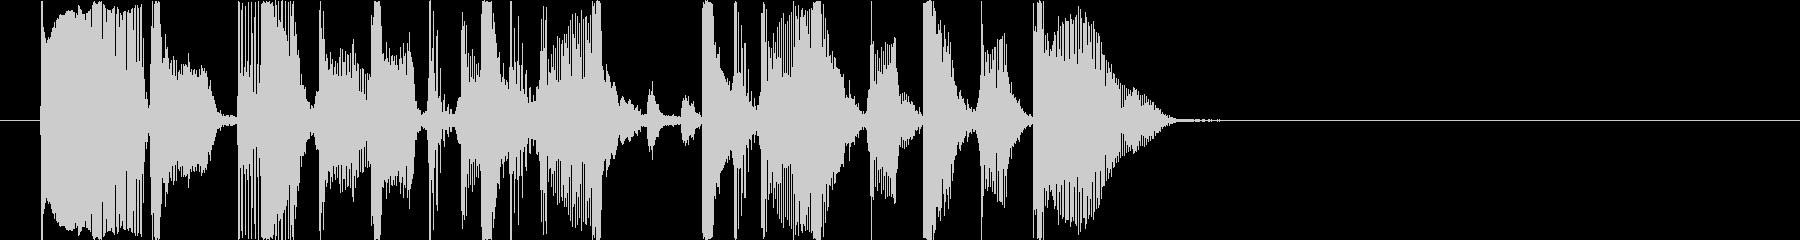 スラップベースの場面転換ジングルの未再生の波形